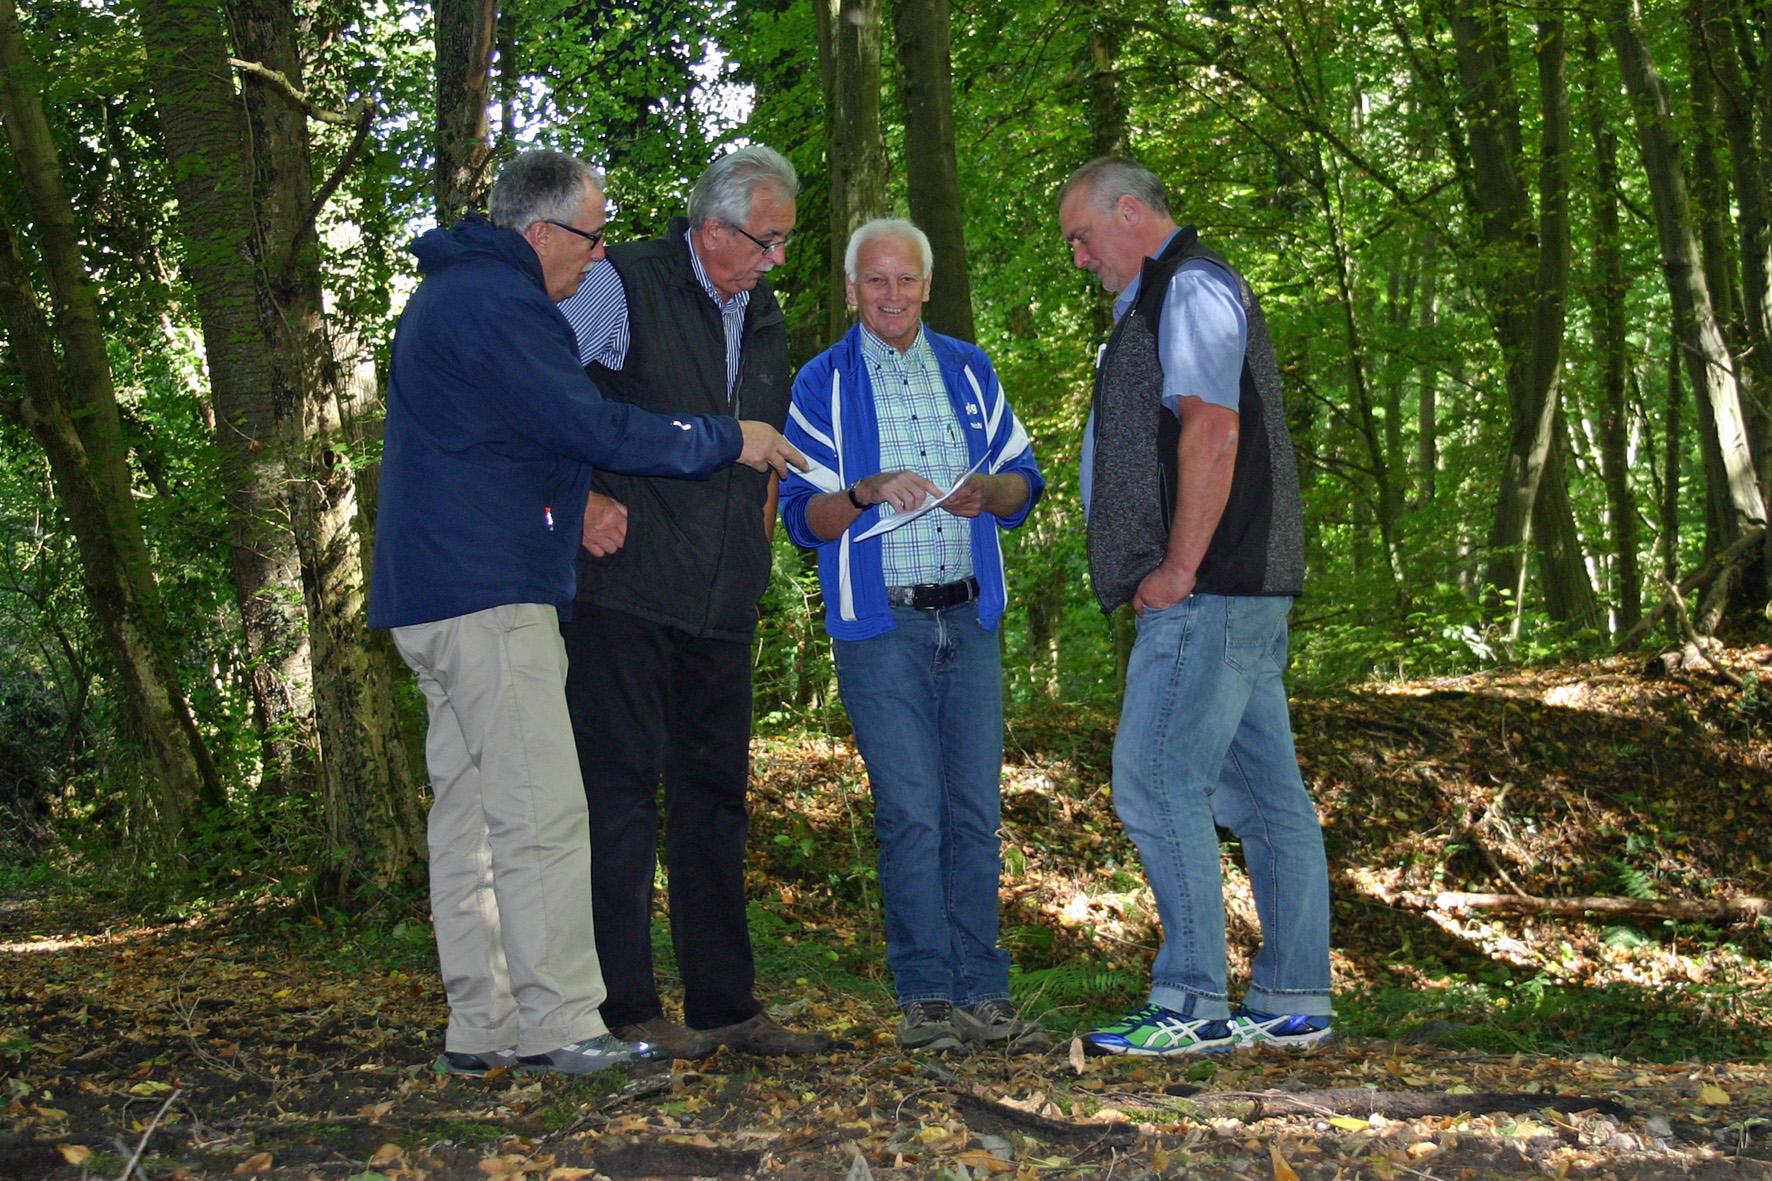 Ortsbesichtigung der FBL Remagen zum Hochwasserschutzkonzept in Unkelbach